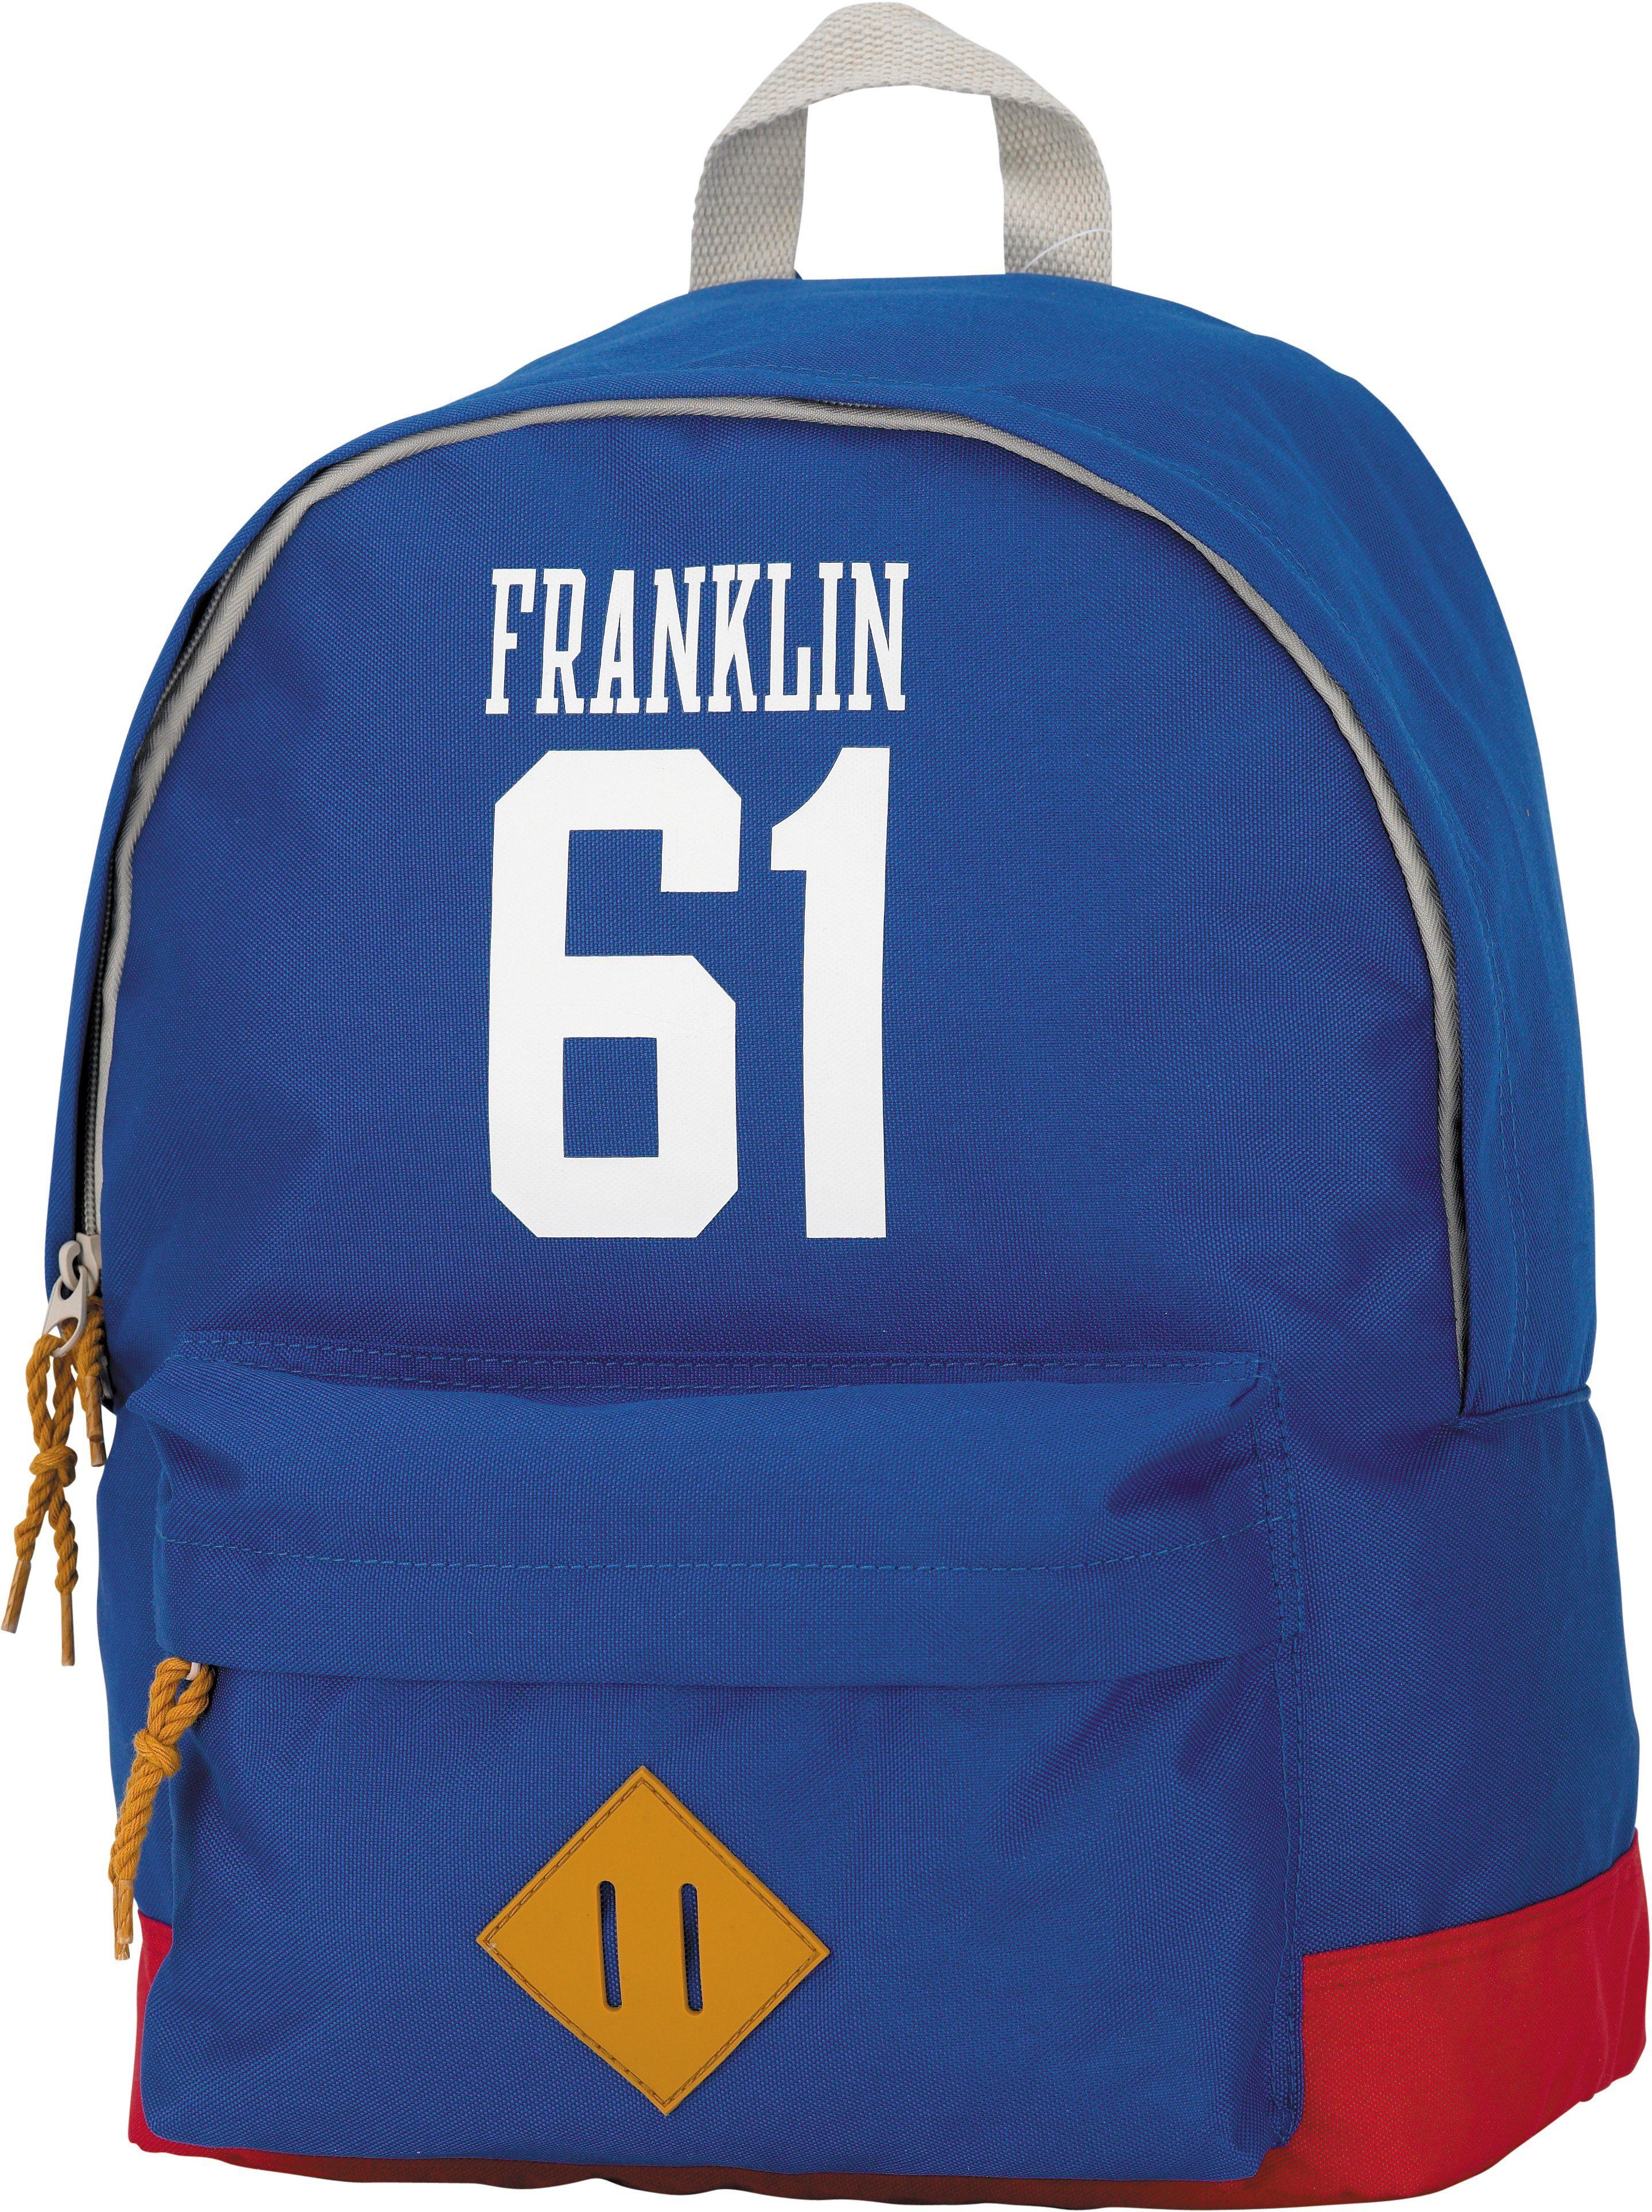 Franklin & Marshall, Rucksack mit gummiertem Bodenschutz, »Boys Backpack hellblau, groß«